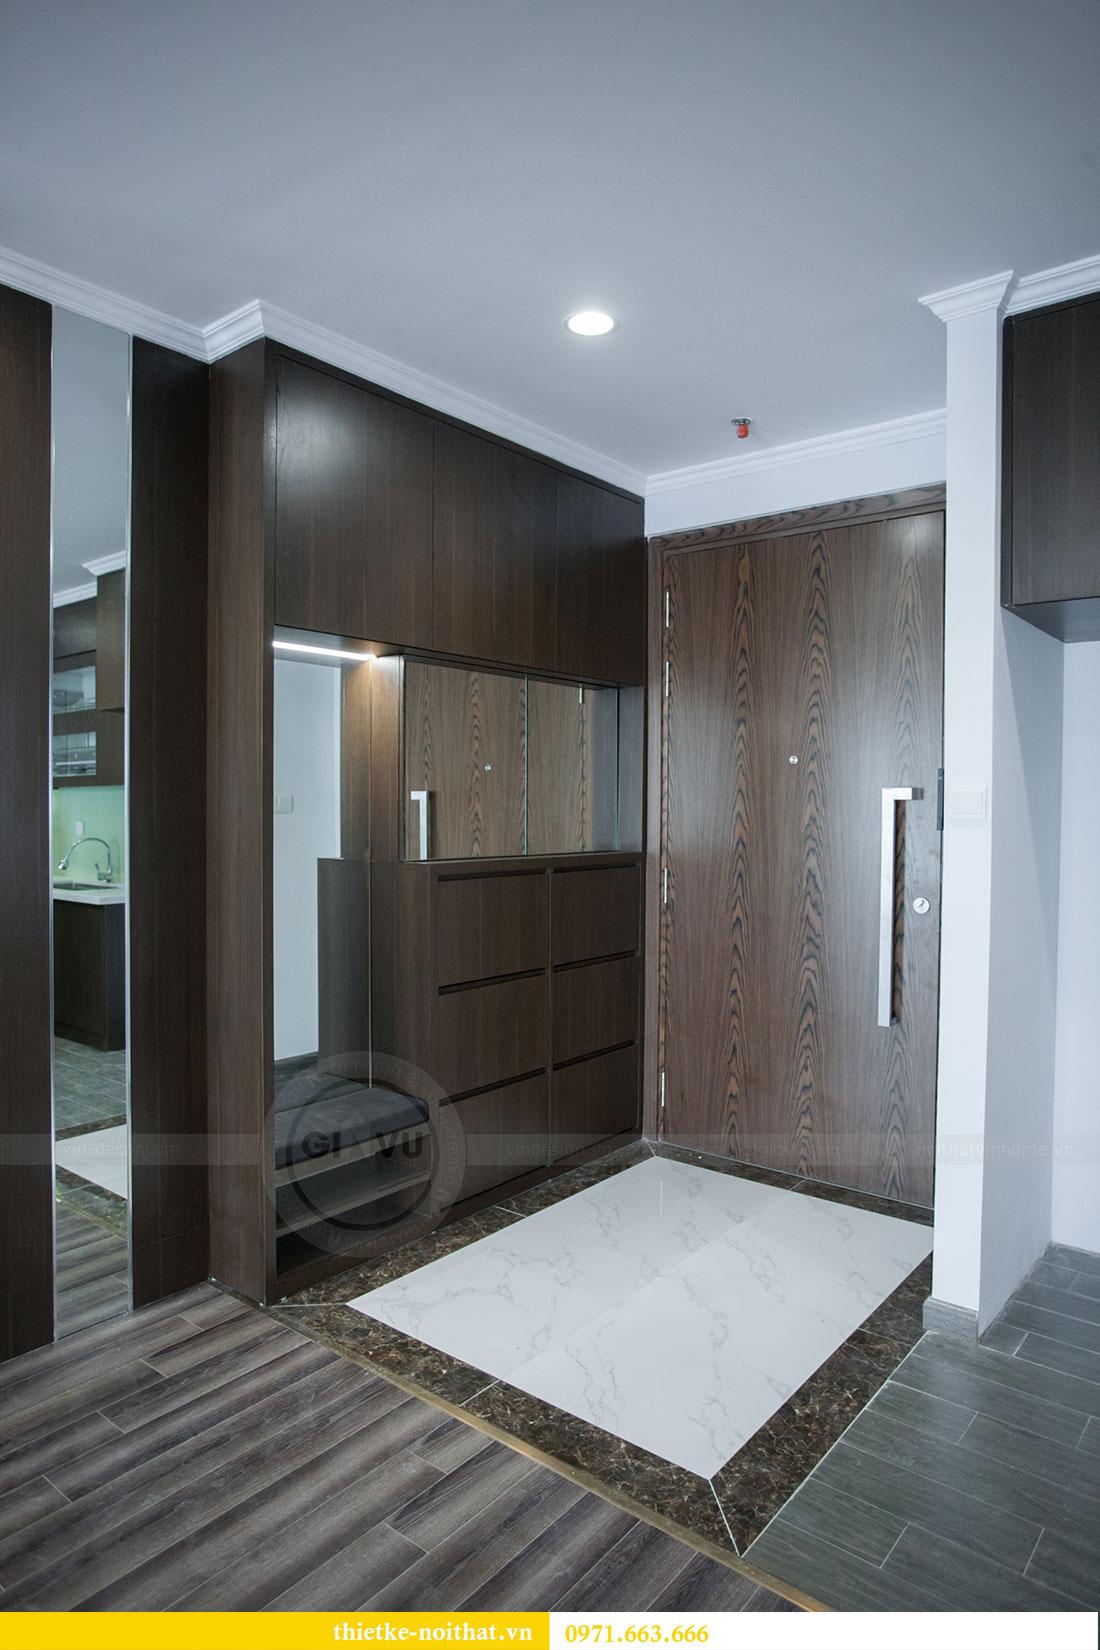 Hoàn thiện nội thất chung cư Seasons Avenue tòa S4 căn 06 chị My 1